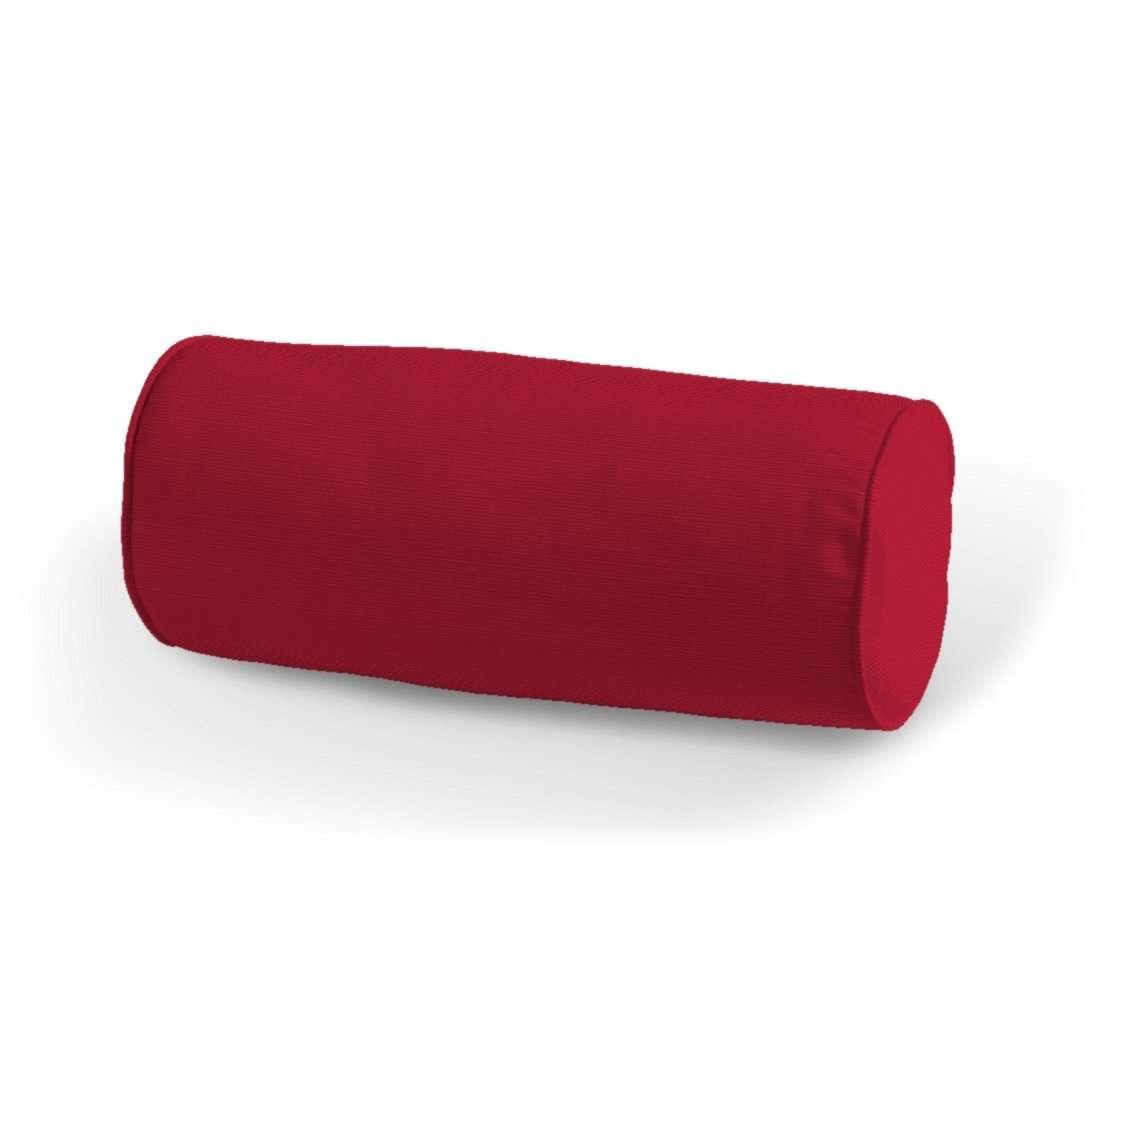 Ritinio formos  pagalvėlės užvalkalas Ø 16 x 40 cm (6 x 16 inch) kolekcijoje Cotton Panama, audinys: 702-04